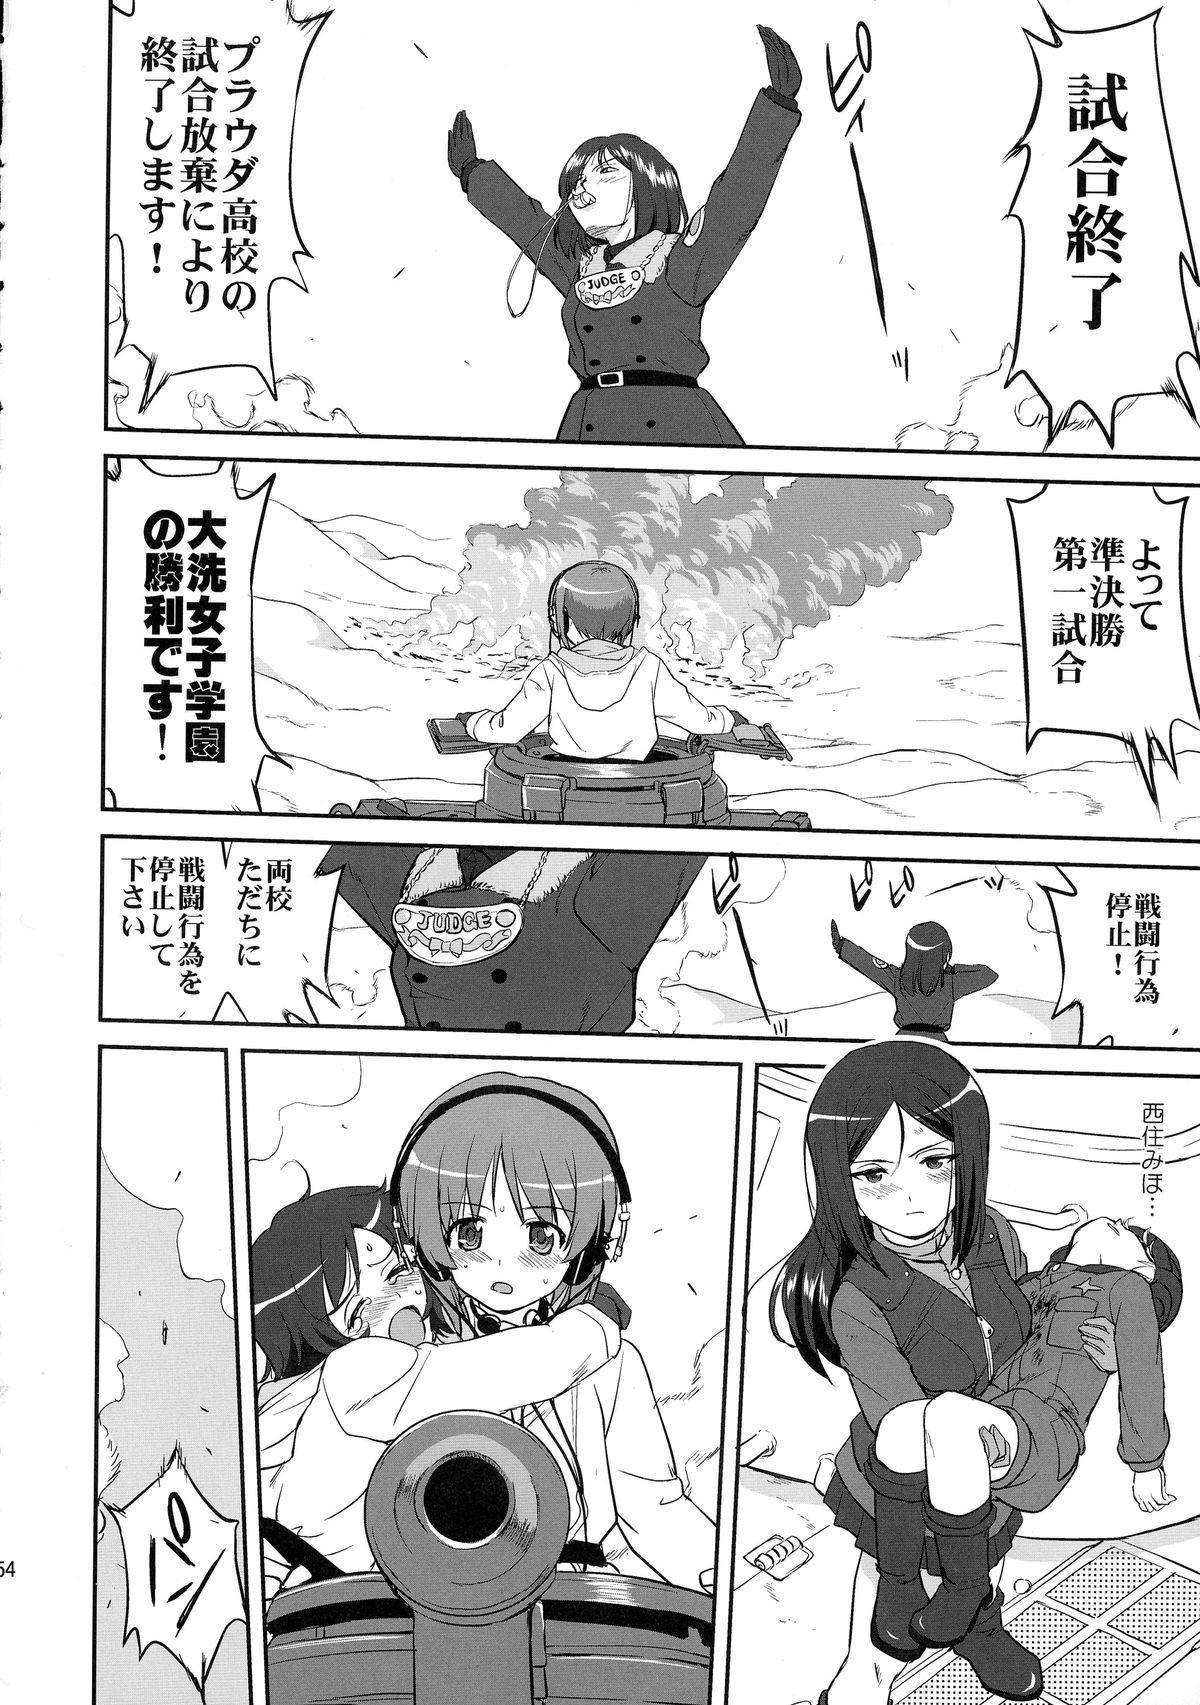 Yukiyukite Senshadou Battle of Pravda 53